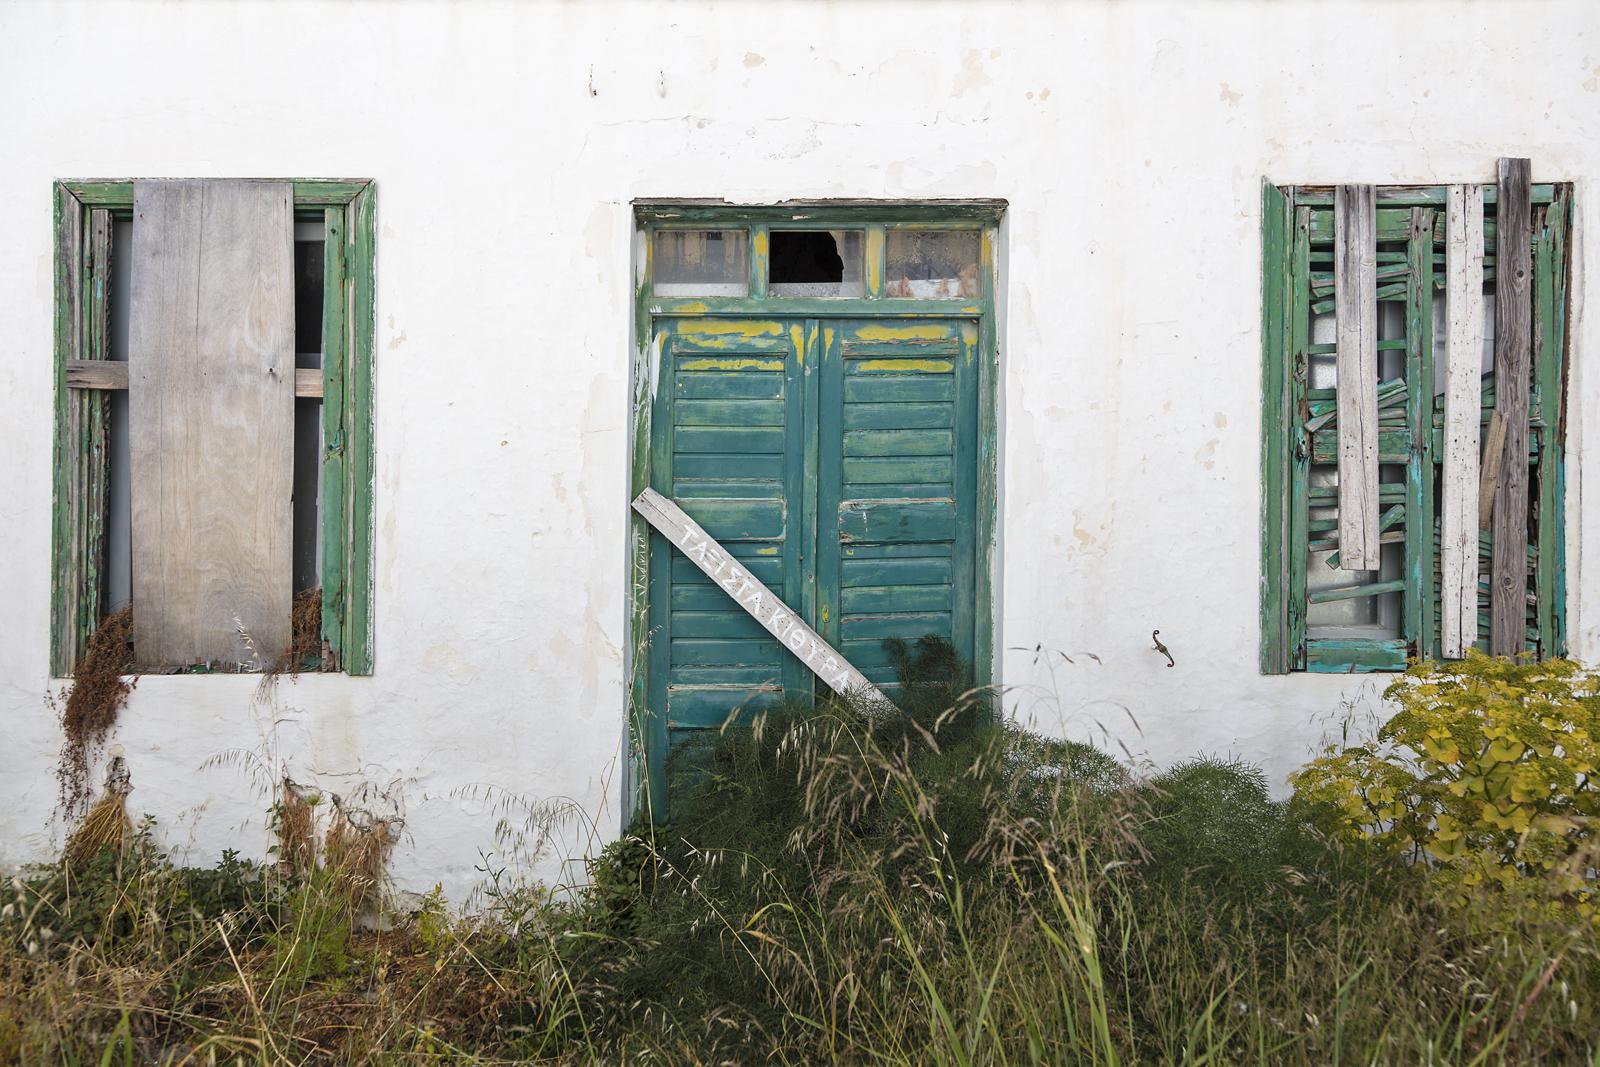 Fond d 39 cran fen tre mur bois maison vert bleu for Fenetre urbaine